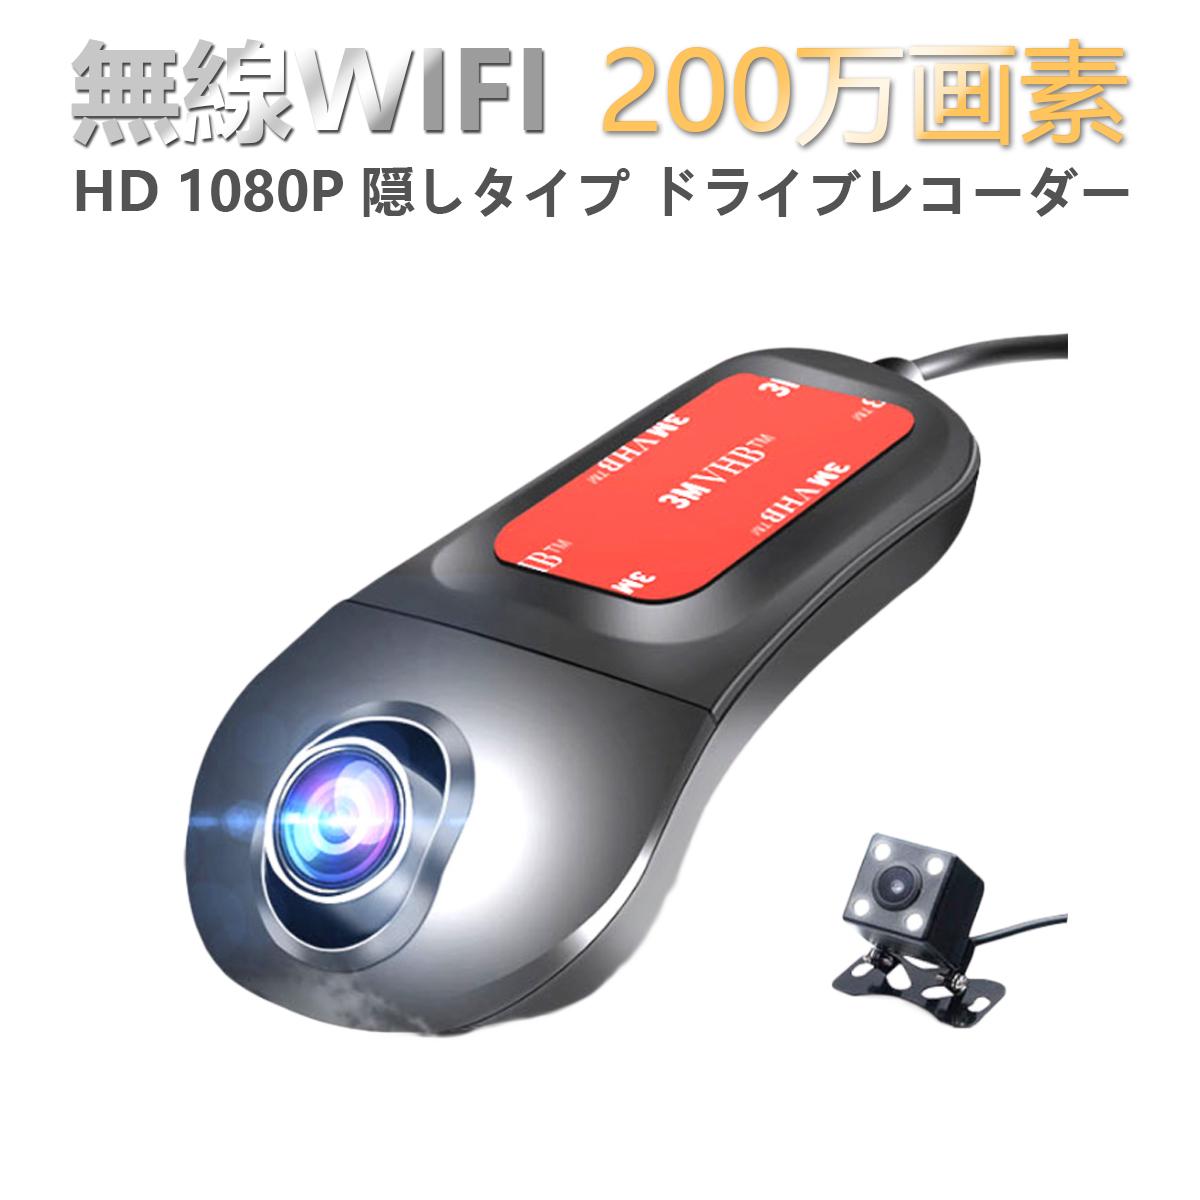 ドライブレコーダー あおり運転対策 バックカメラ 1080P FHD (フロント・リアセット) ミラー隠しタイプ 無線Wi-Fi 駐車監視 Gセンサー リアルタイム映像 200万画素 簡単取り付け ドライブ レコーダー 宅配便送料無料 6ヶ月保証 K&M